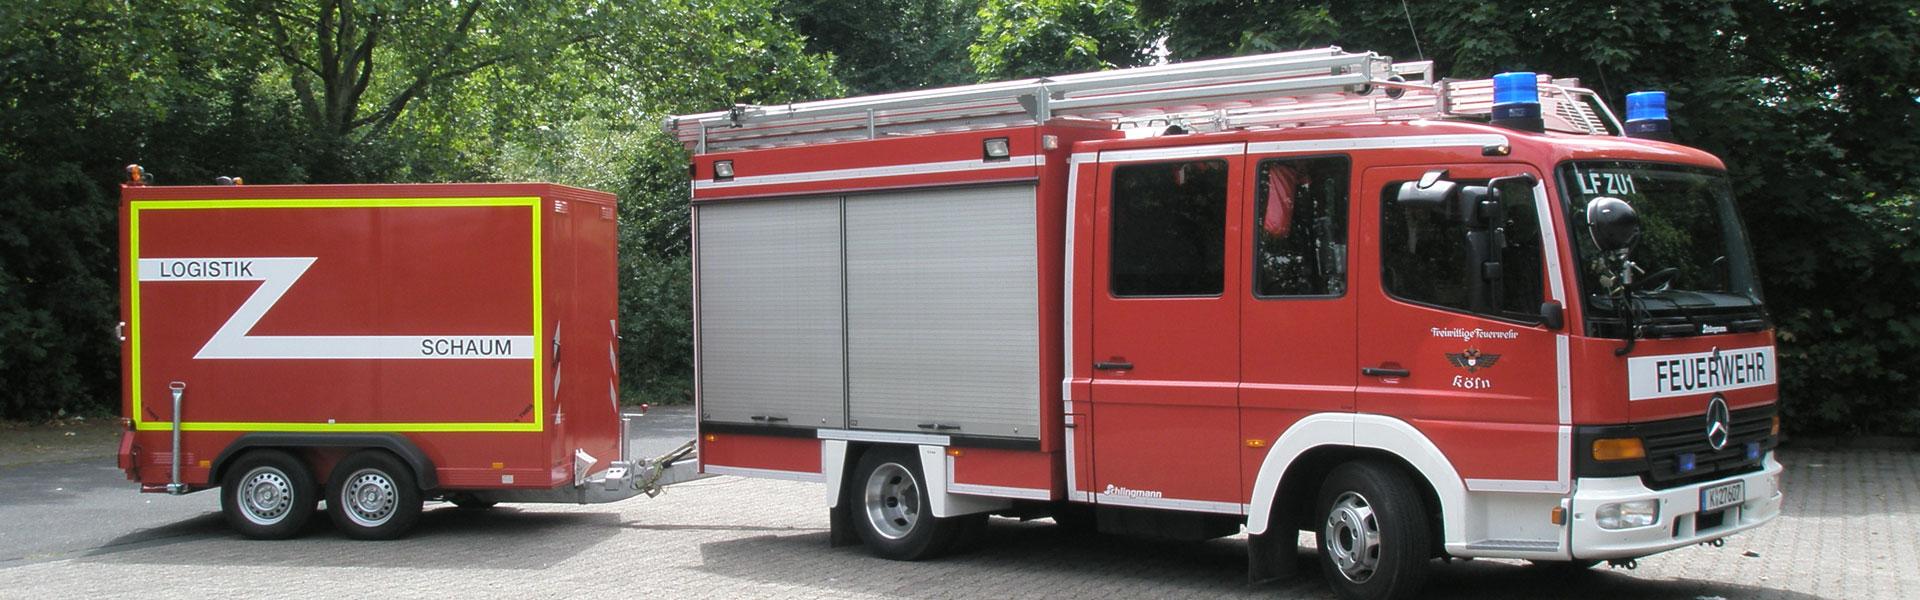 Feuerwehr Zündorf